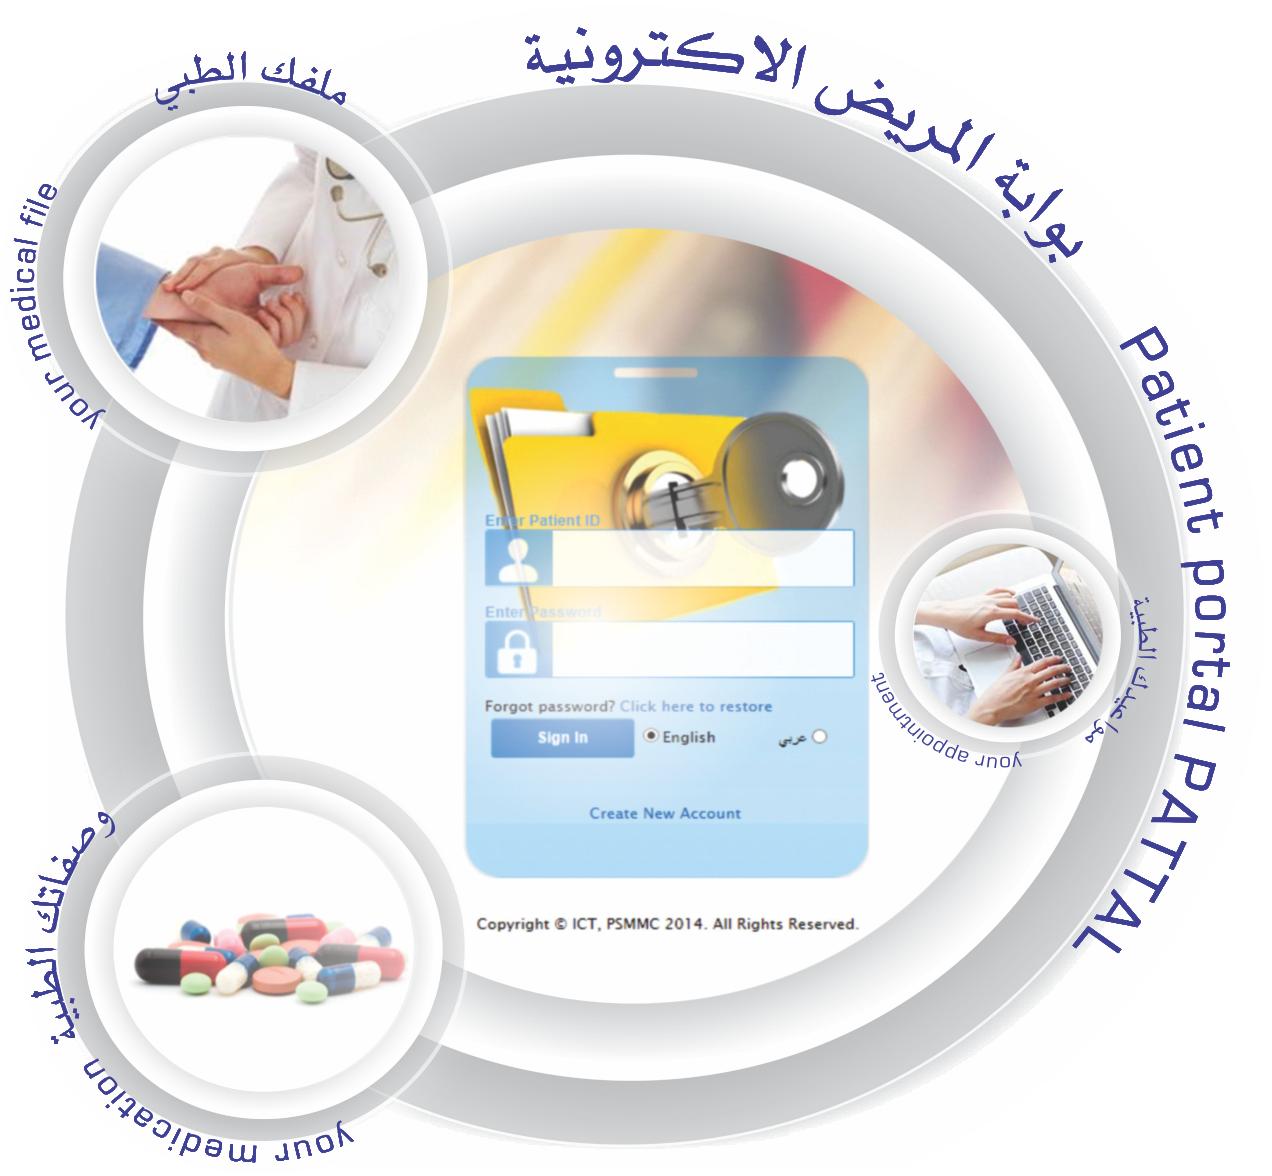 بوابة المريض الذكية وحجز المواعيد الكترونيا بالامارات مقالات